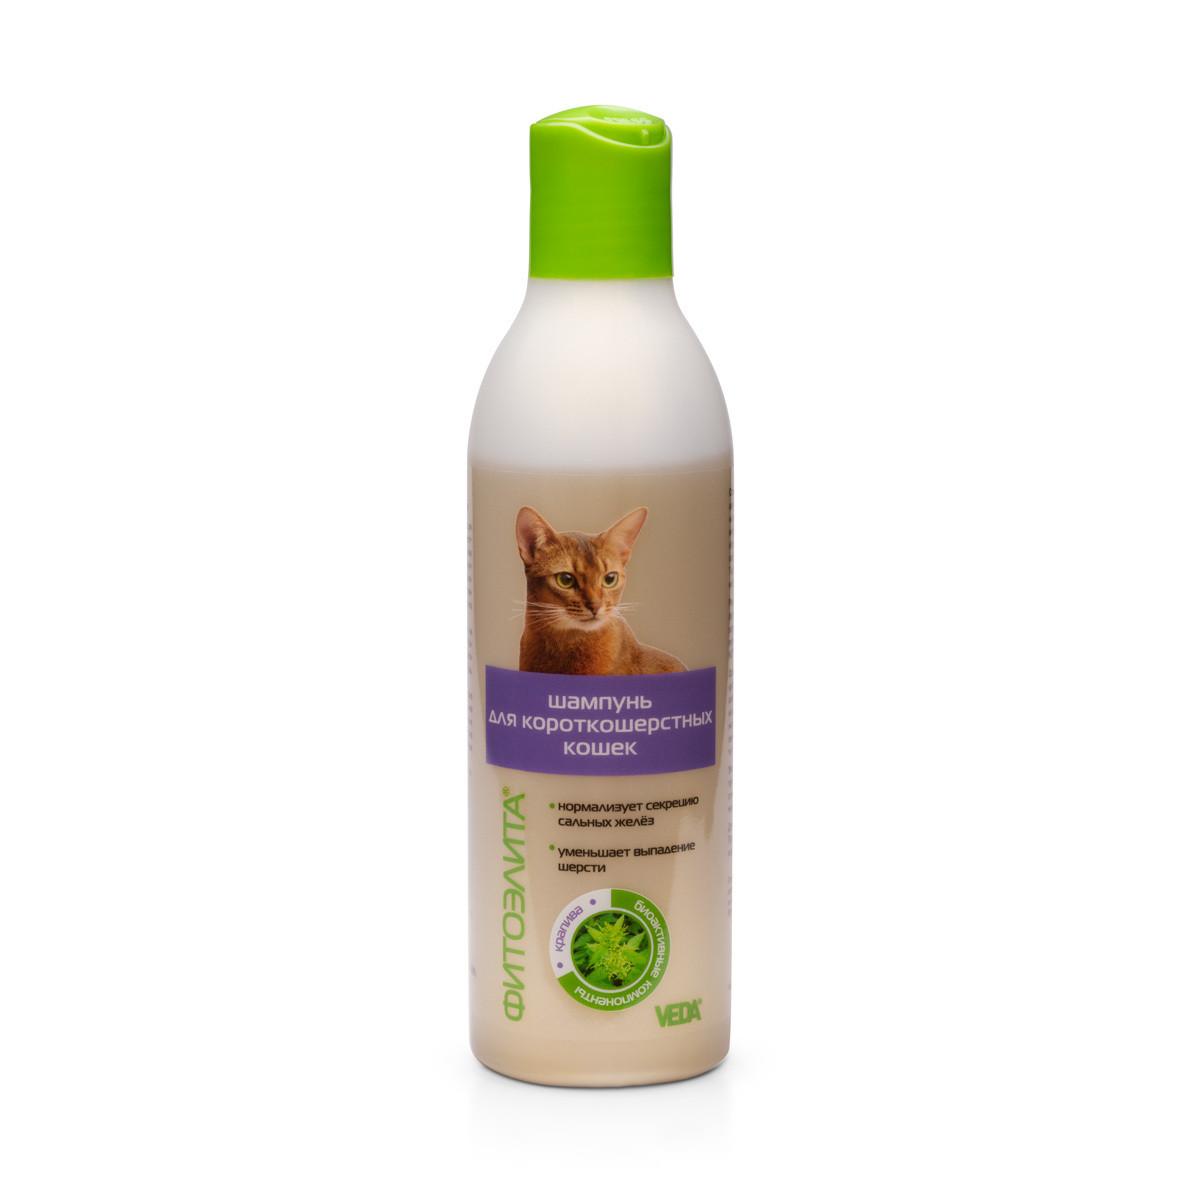 Шампунь Фитоэлита для короткошерстных кошек